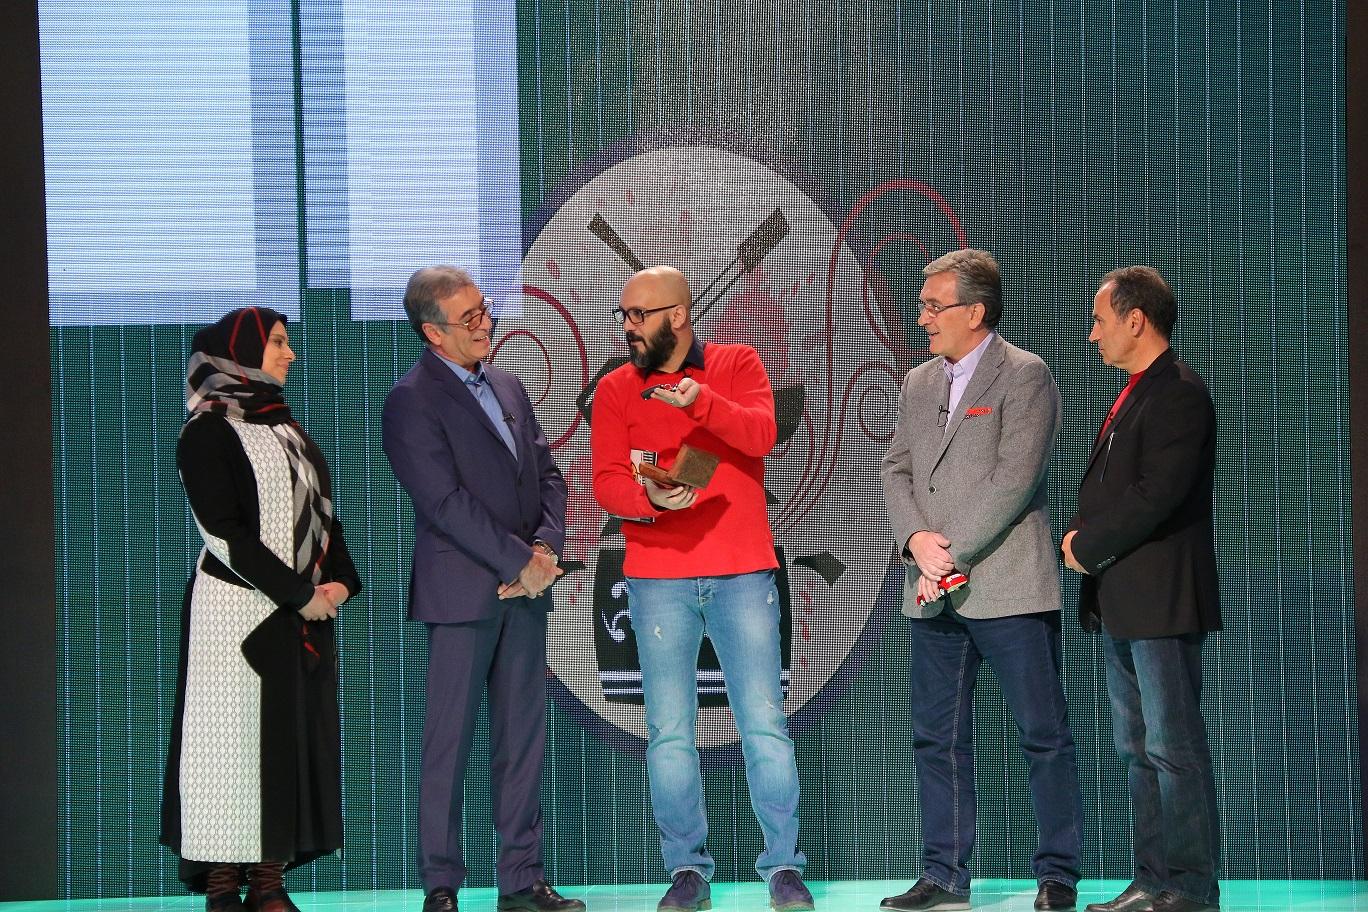 اهدای جایزه طارمی جبه برانکو